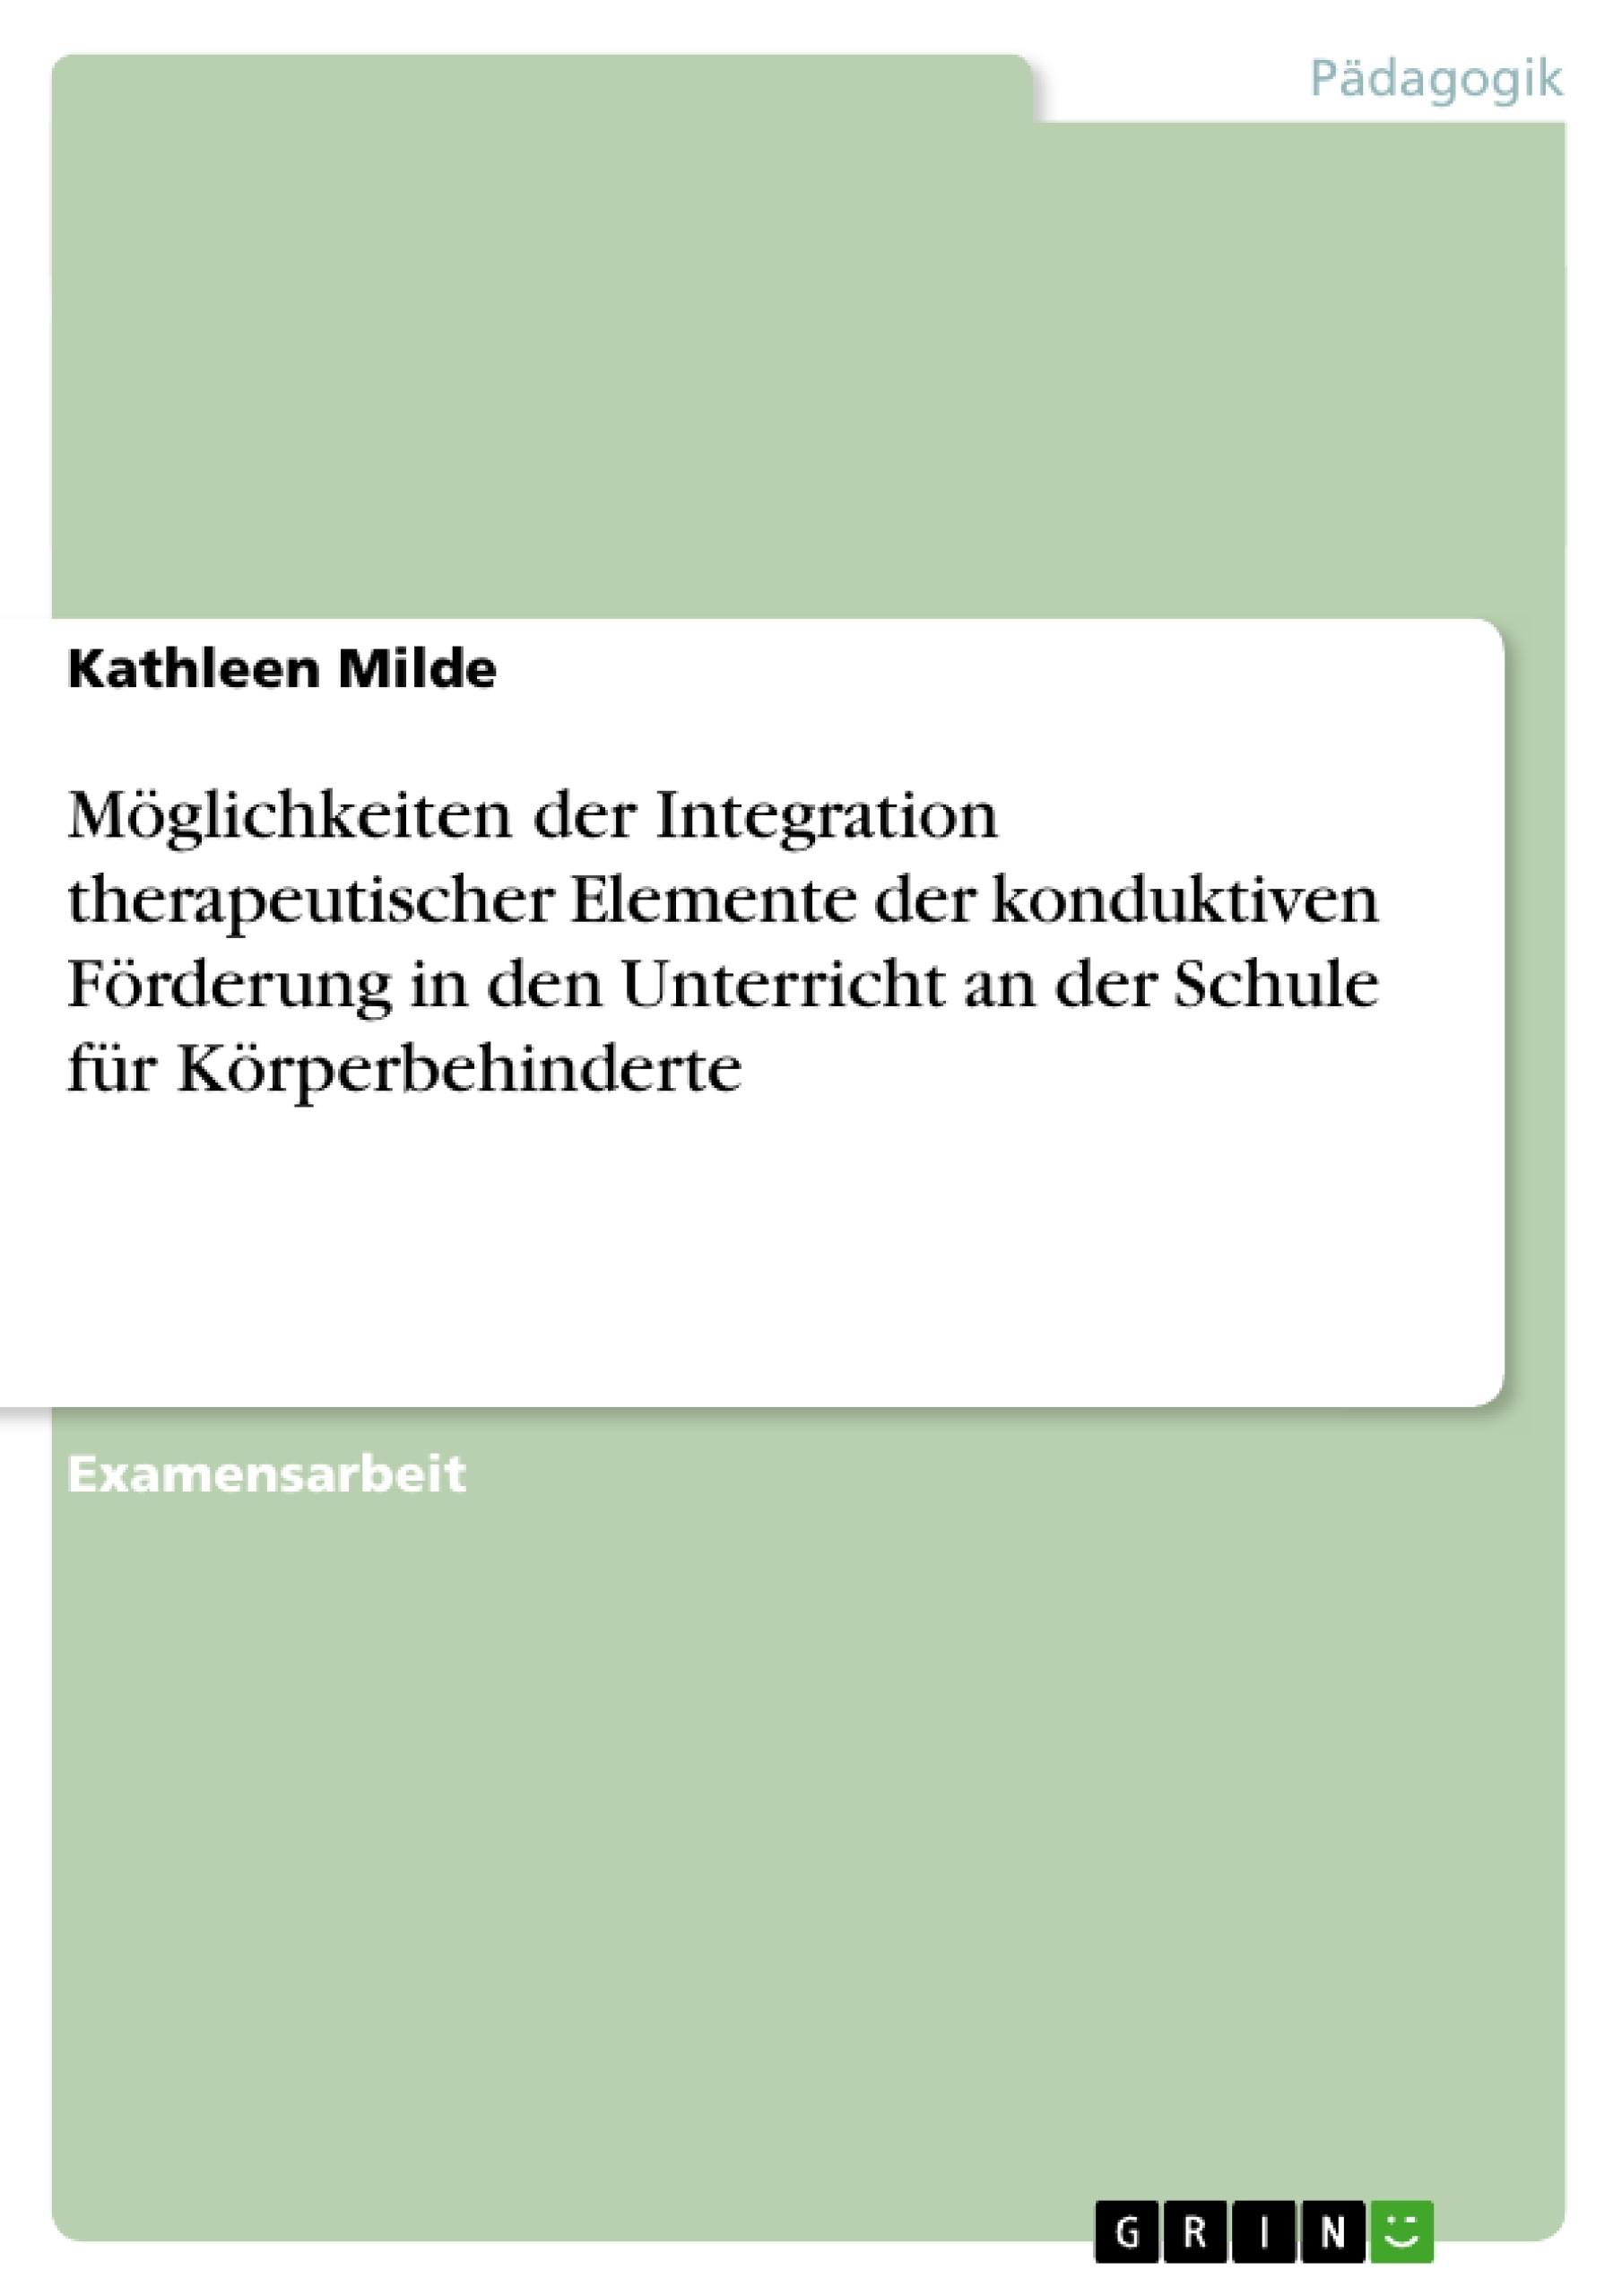 Titel: Möglichkeiten der Integration therapeutischer Elemente der konduktiven Förderung in den Unterricht an der Schule für Körperbehinderte